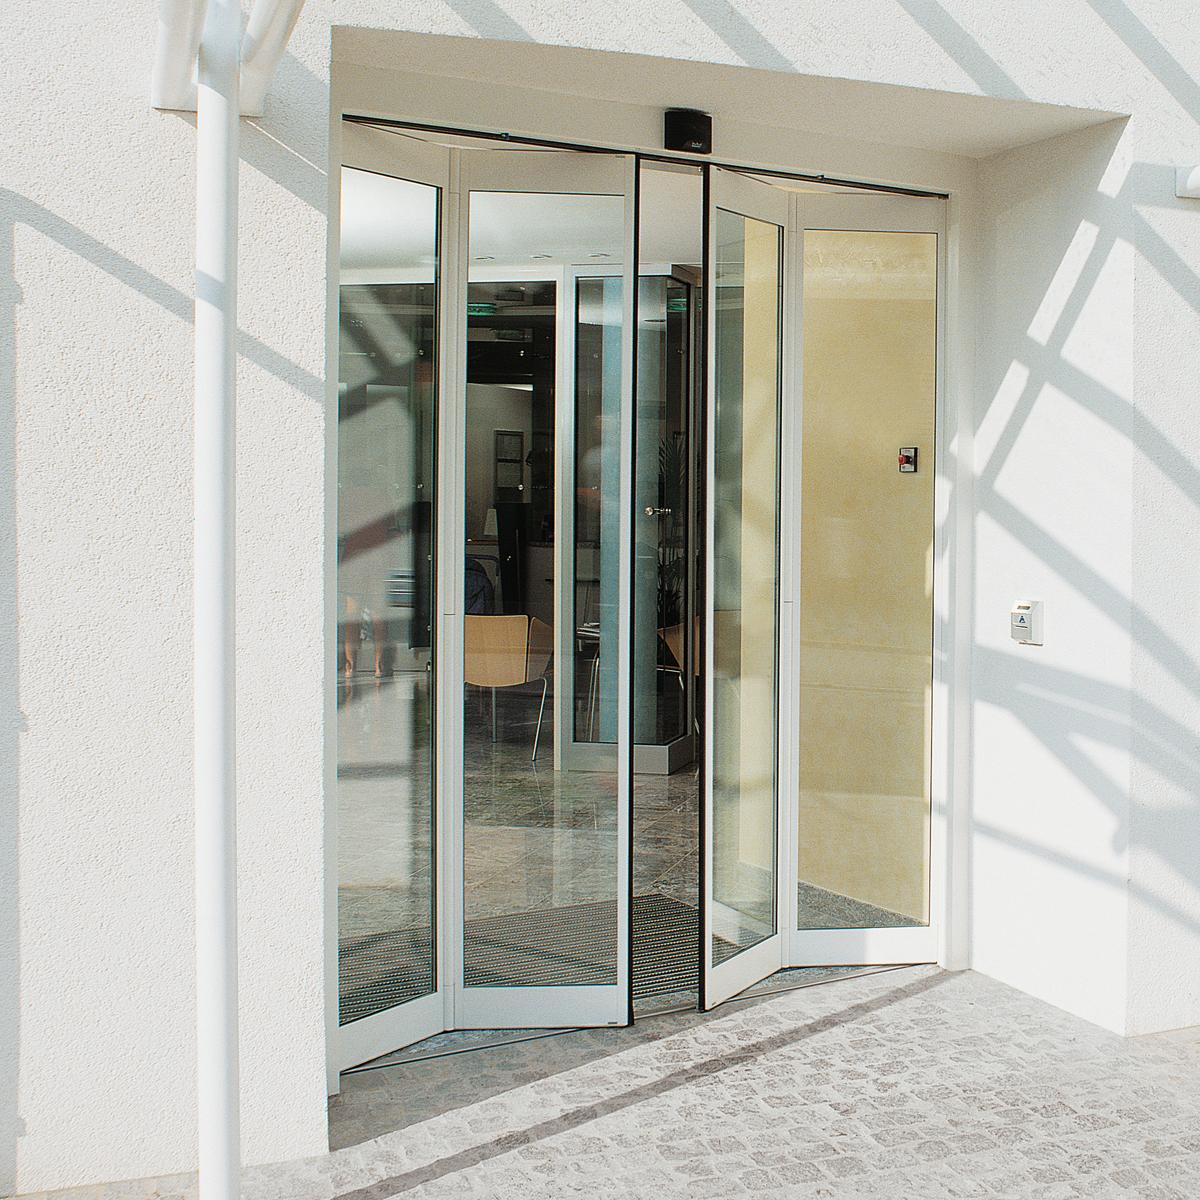 Dorma fft folding door